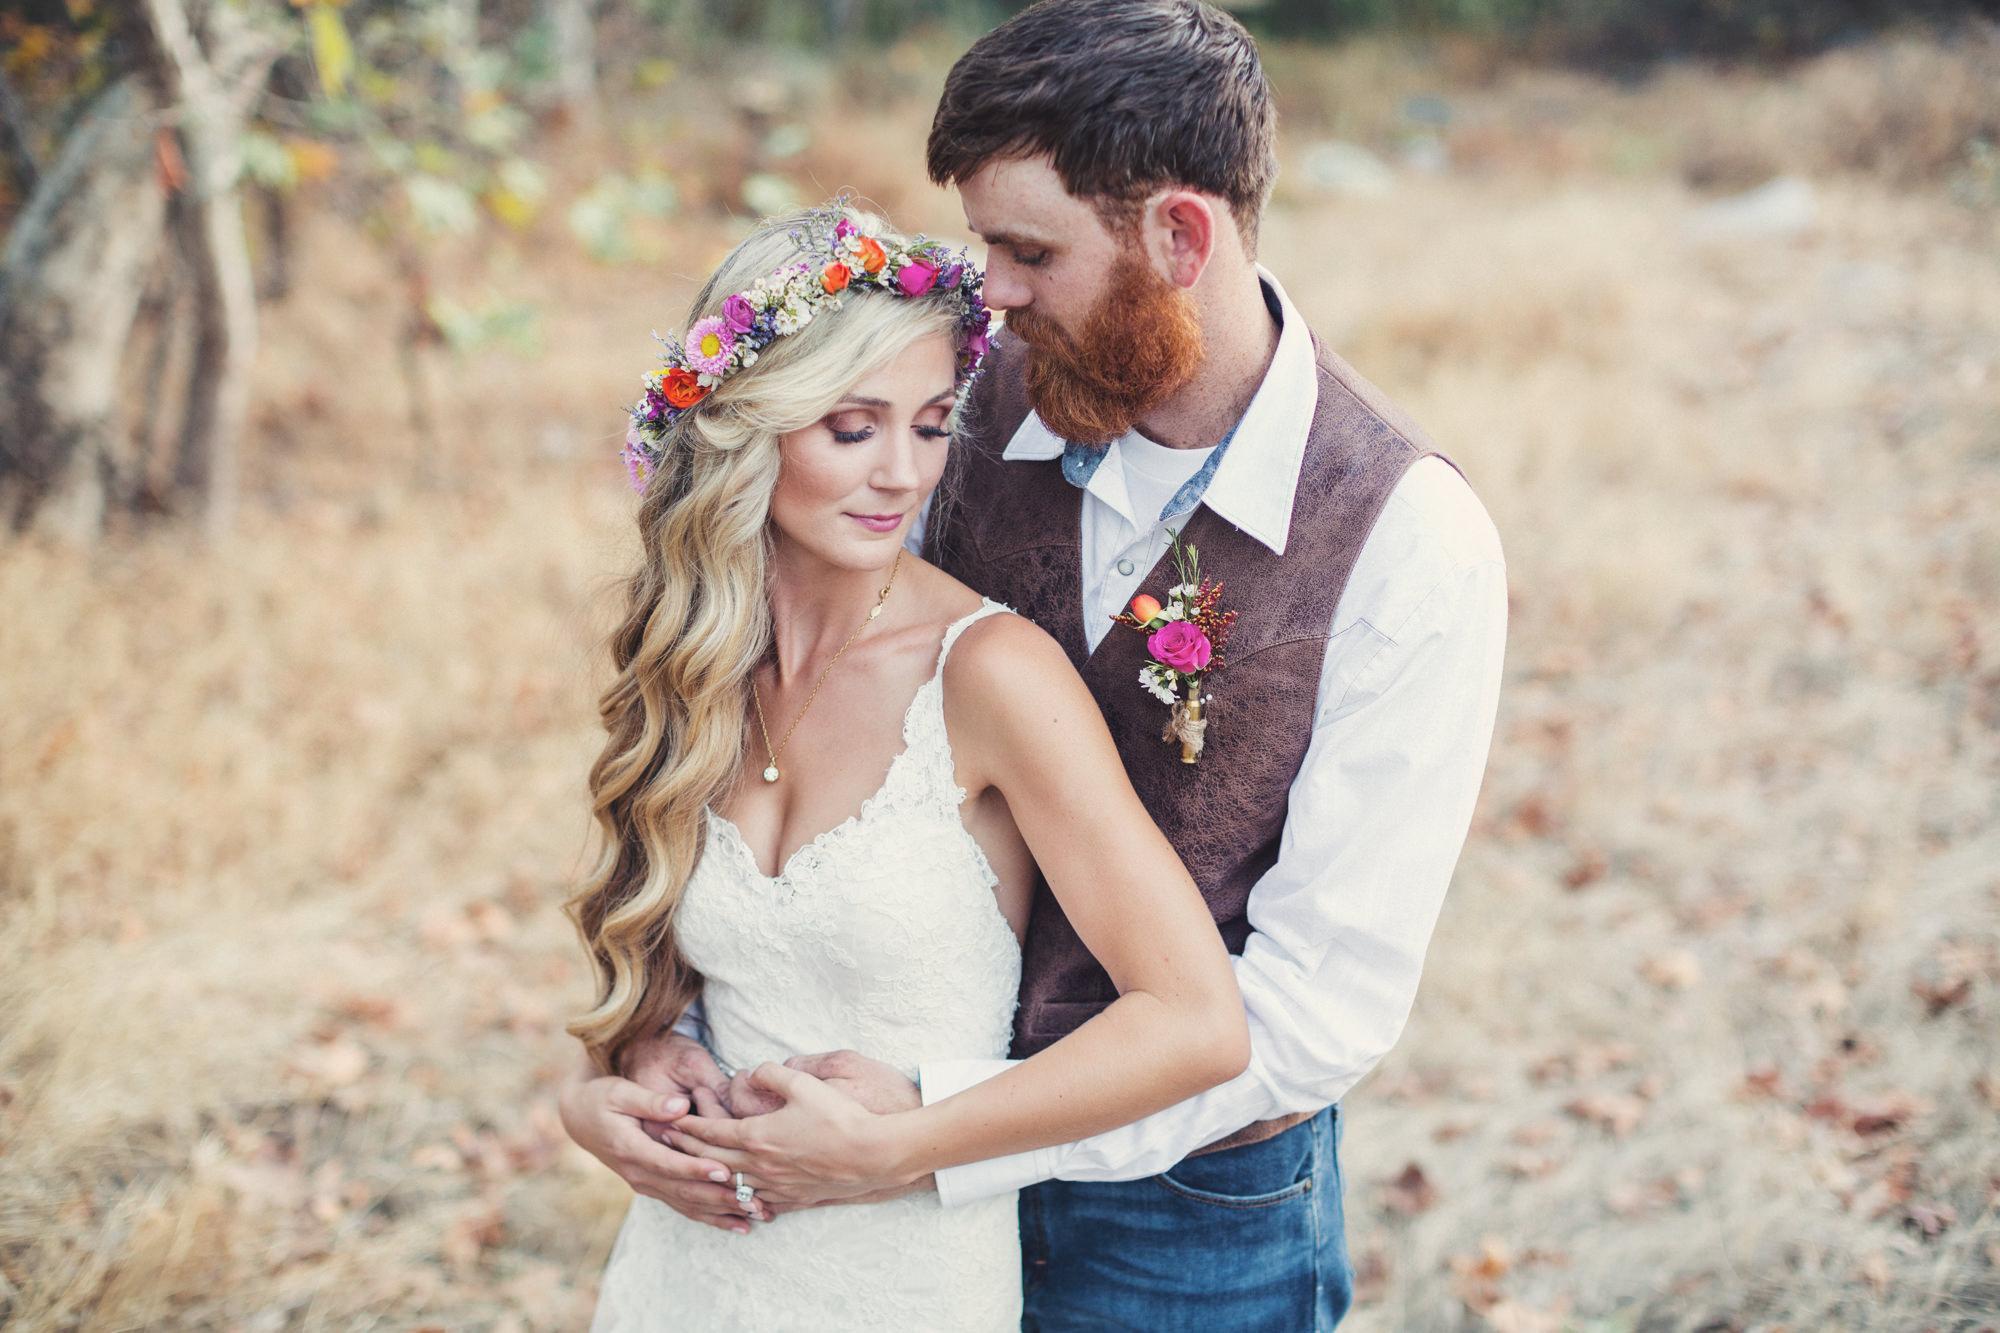 Rustic wedding in California ©Anne-Claire Brun 78